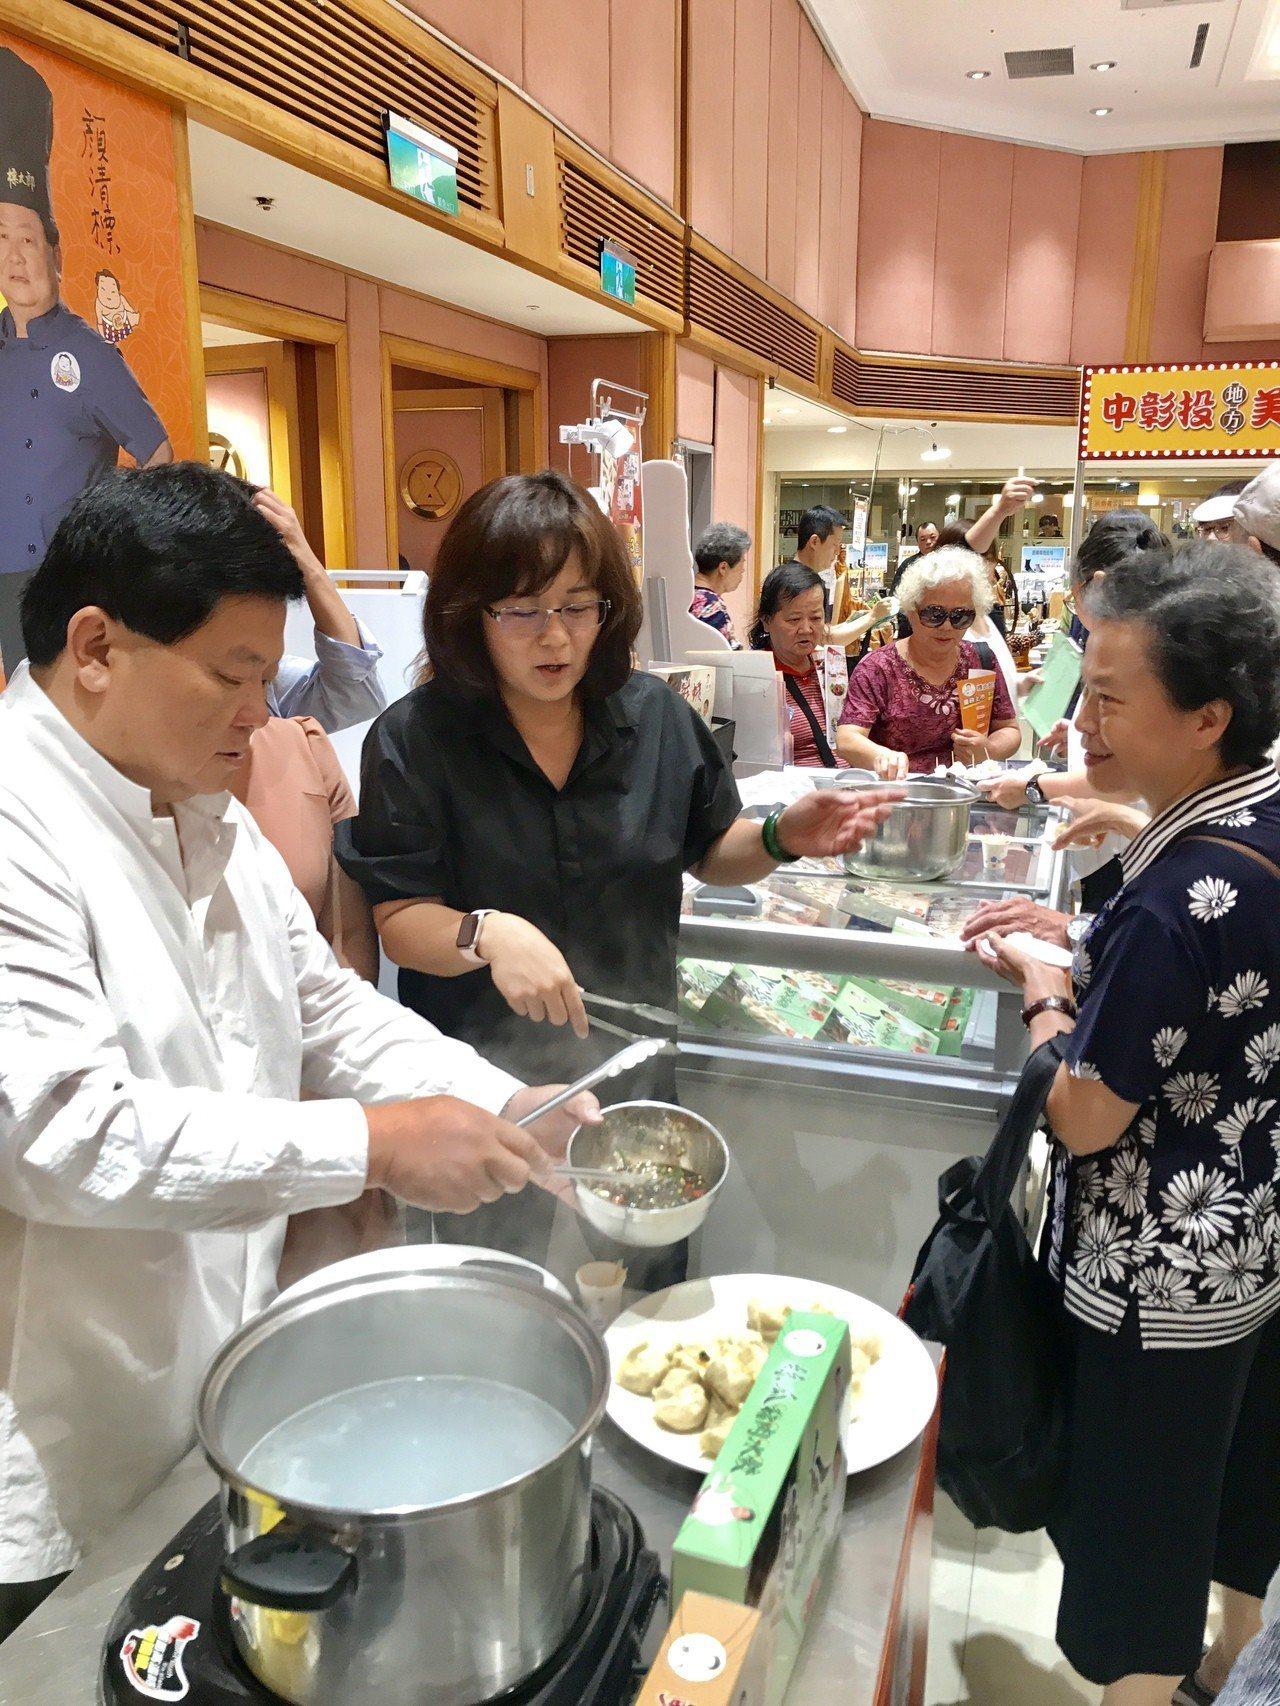 顏清標在SOGO當「標太郎」一日店長,親自煮水餃給消費者吃。記者江佩君/攝影